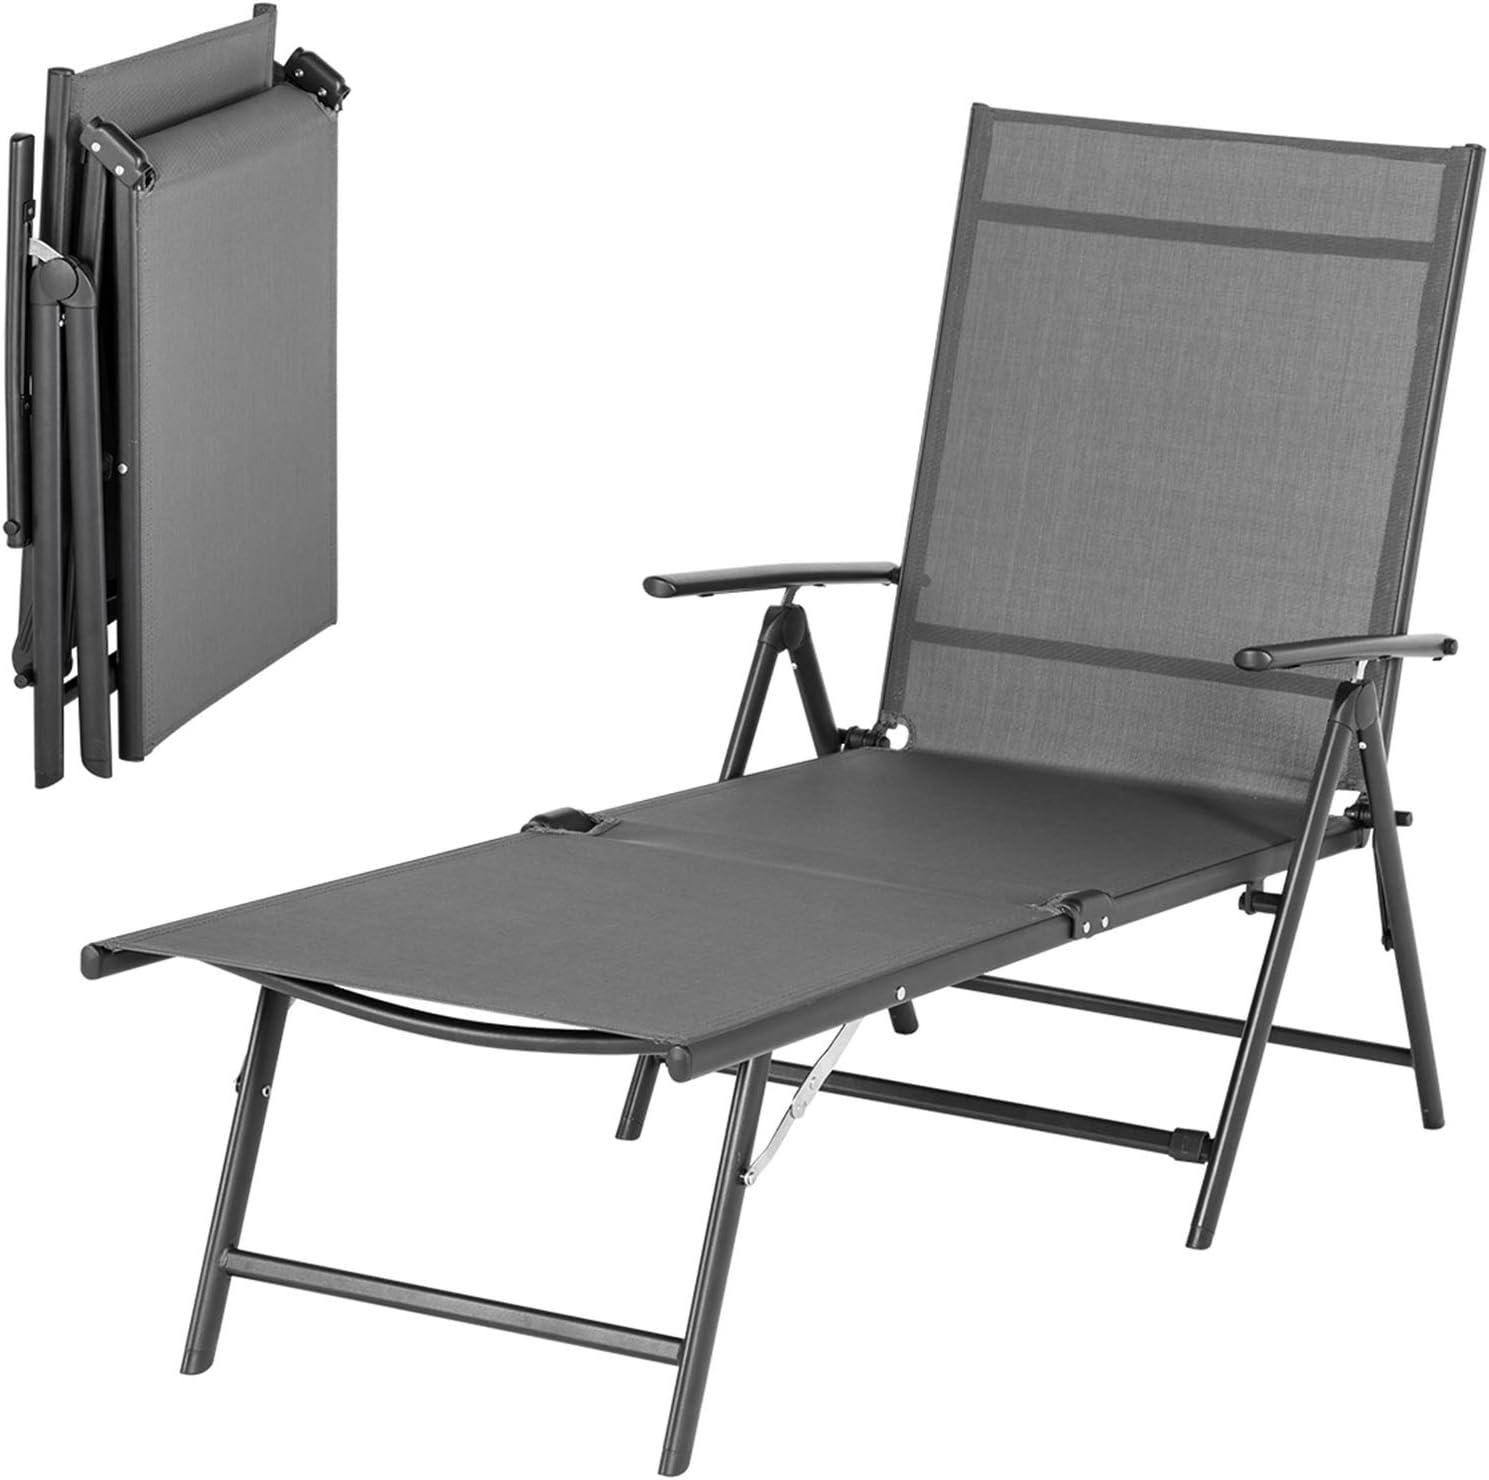 Premium Lawn /chair